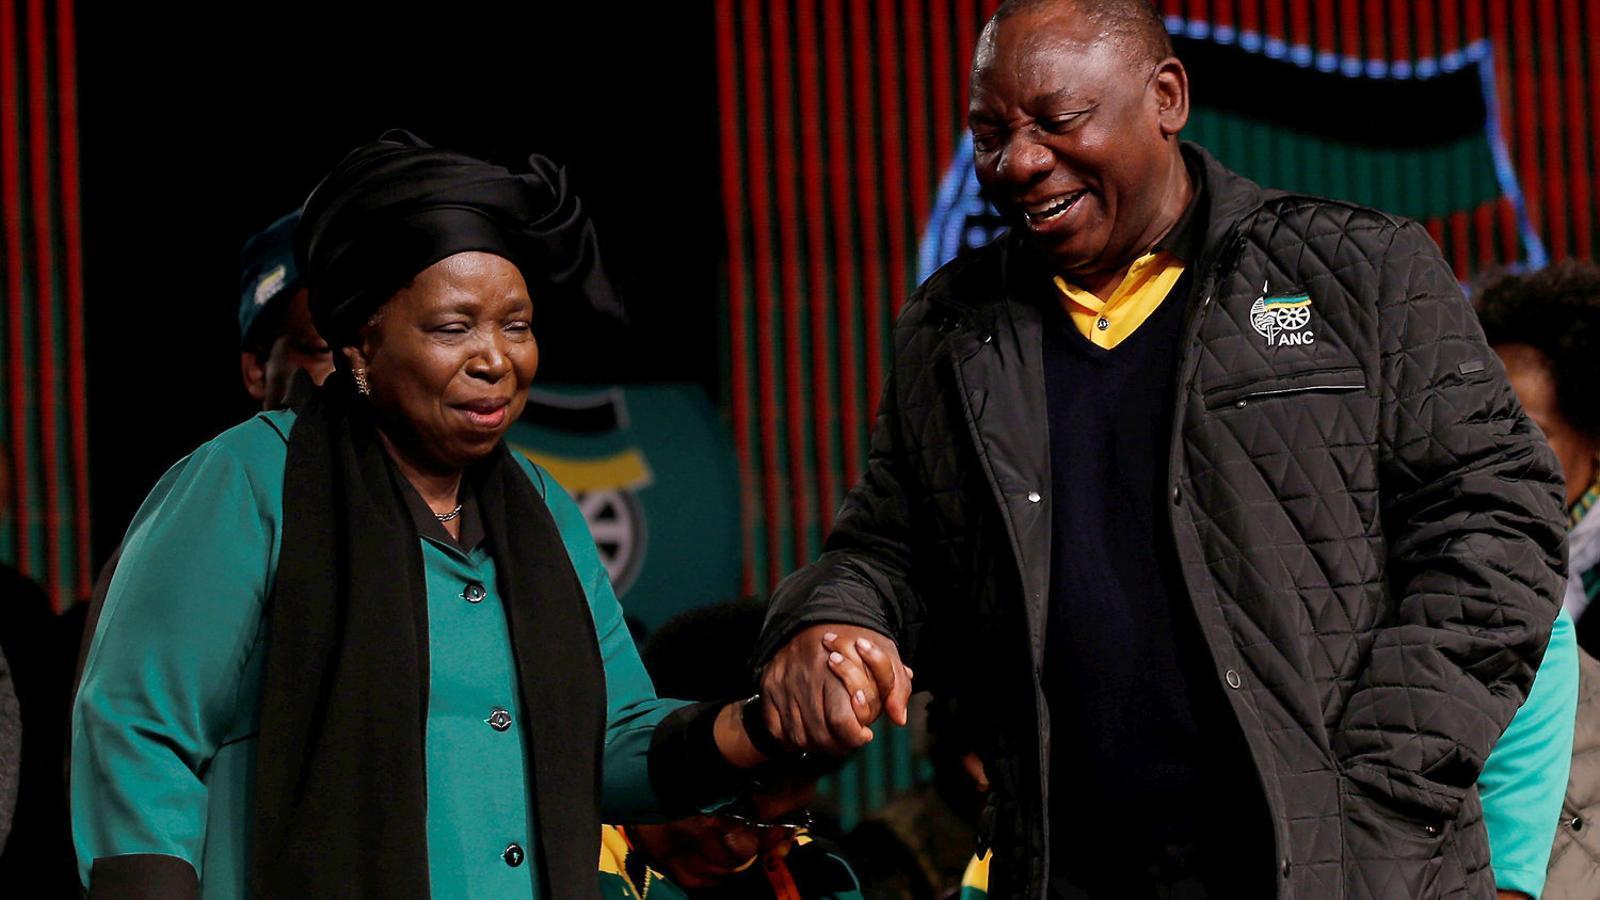 Els dos candidats amb més possibilitats de dirigir el partit, Dlamini-Zuma i Ramaphosa.